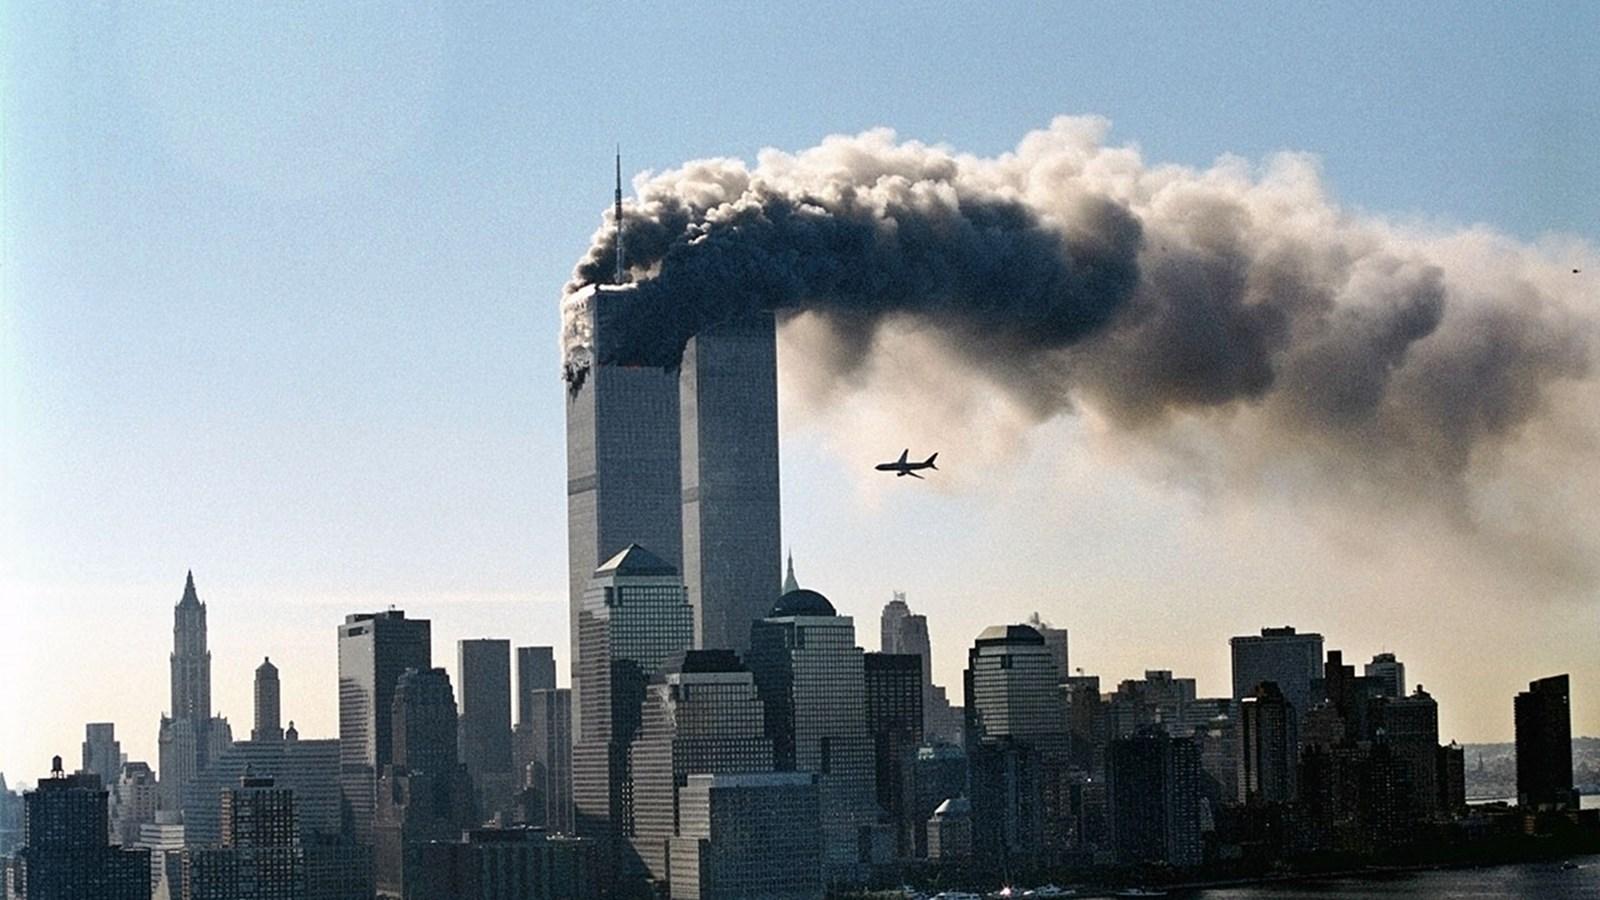 Годовщина терактов 11 сентября: как это было. Подборка фильмов и книг